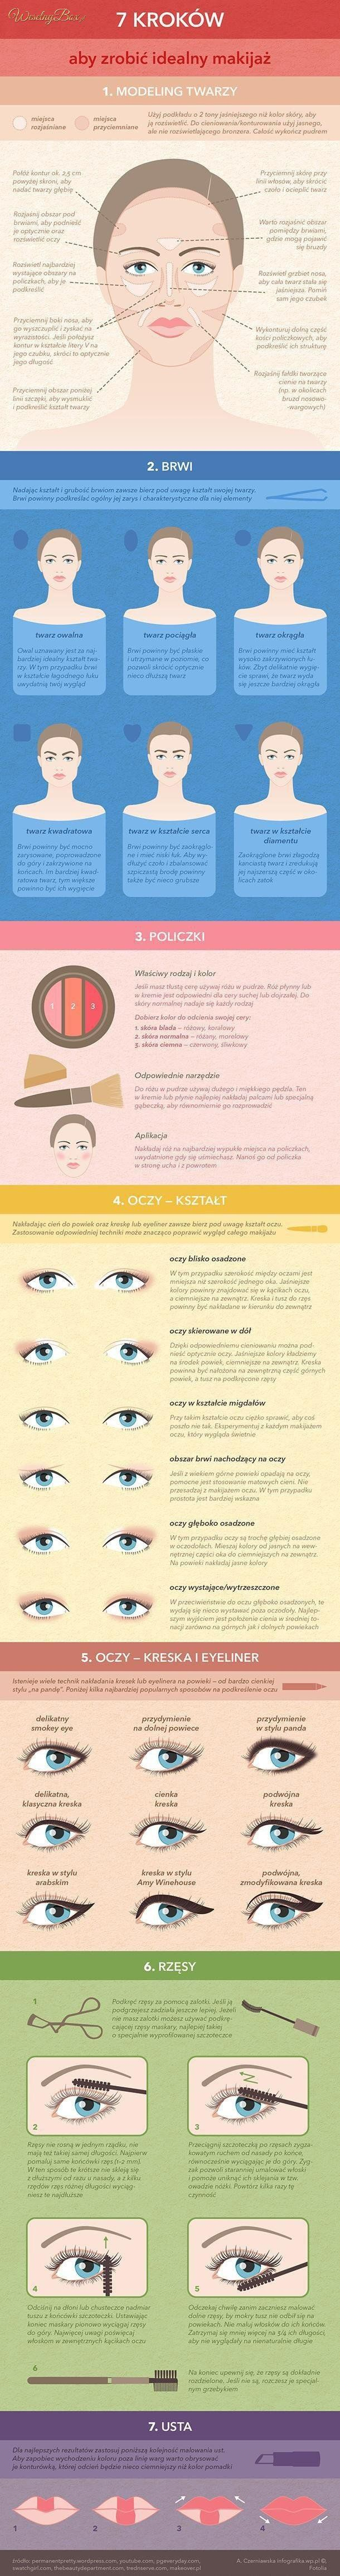 7 kroków, aby zrobić idealny makijaż! PIGUŁKA